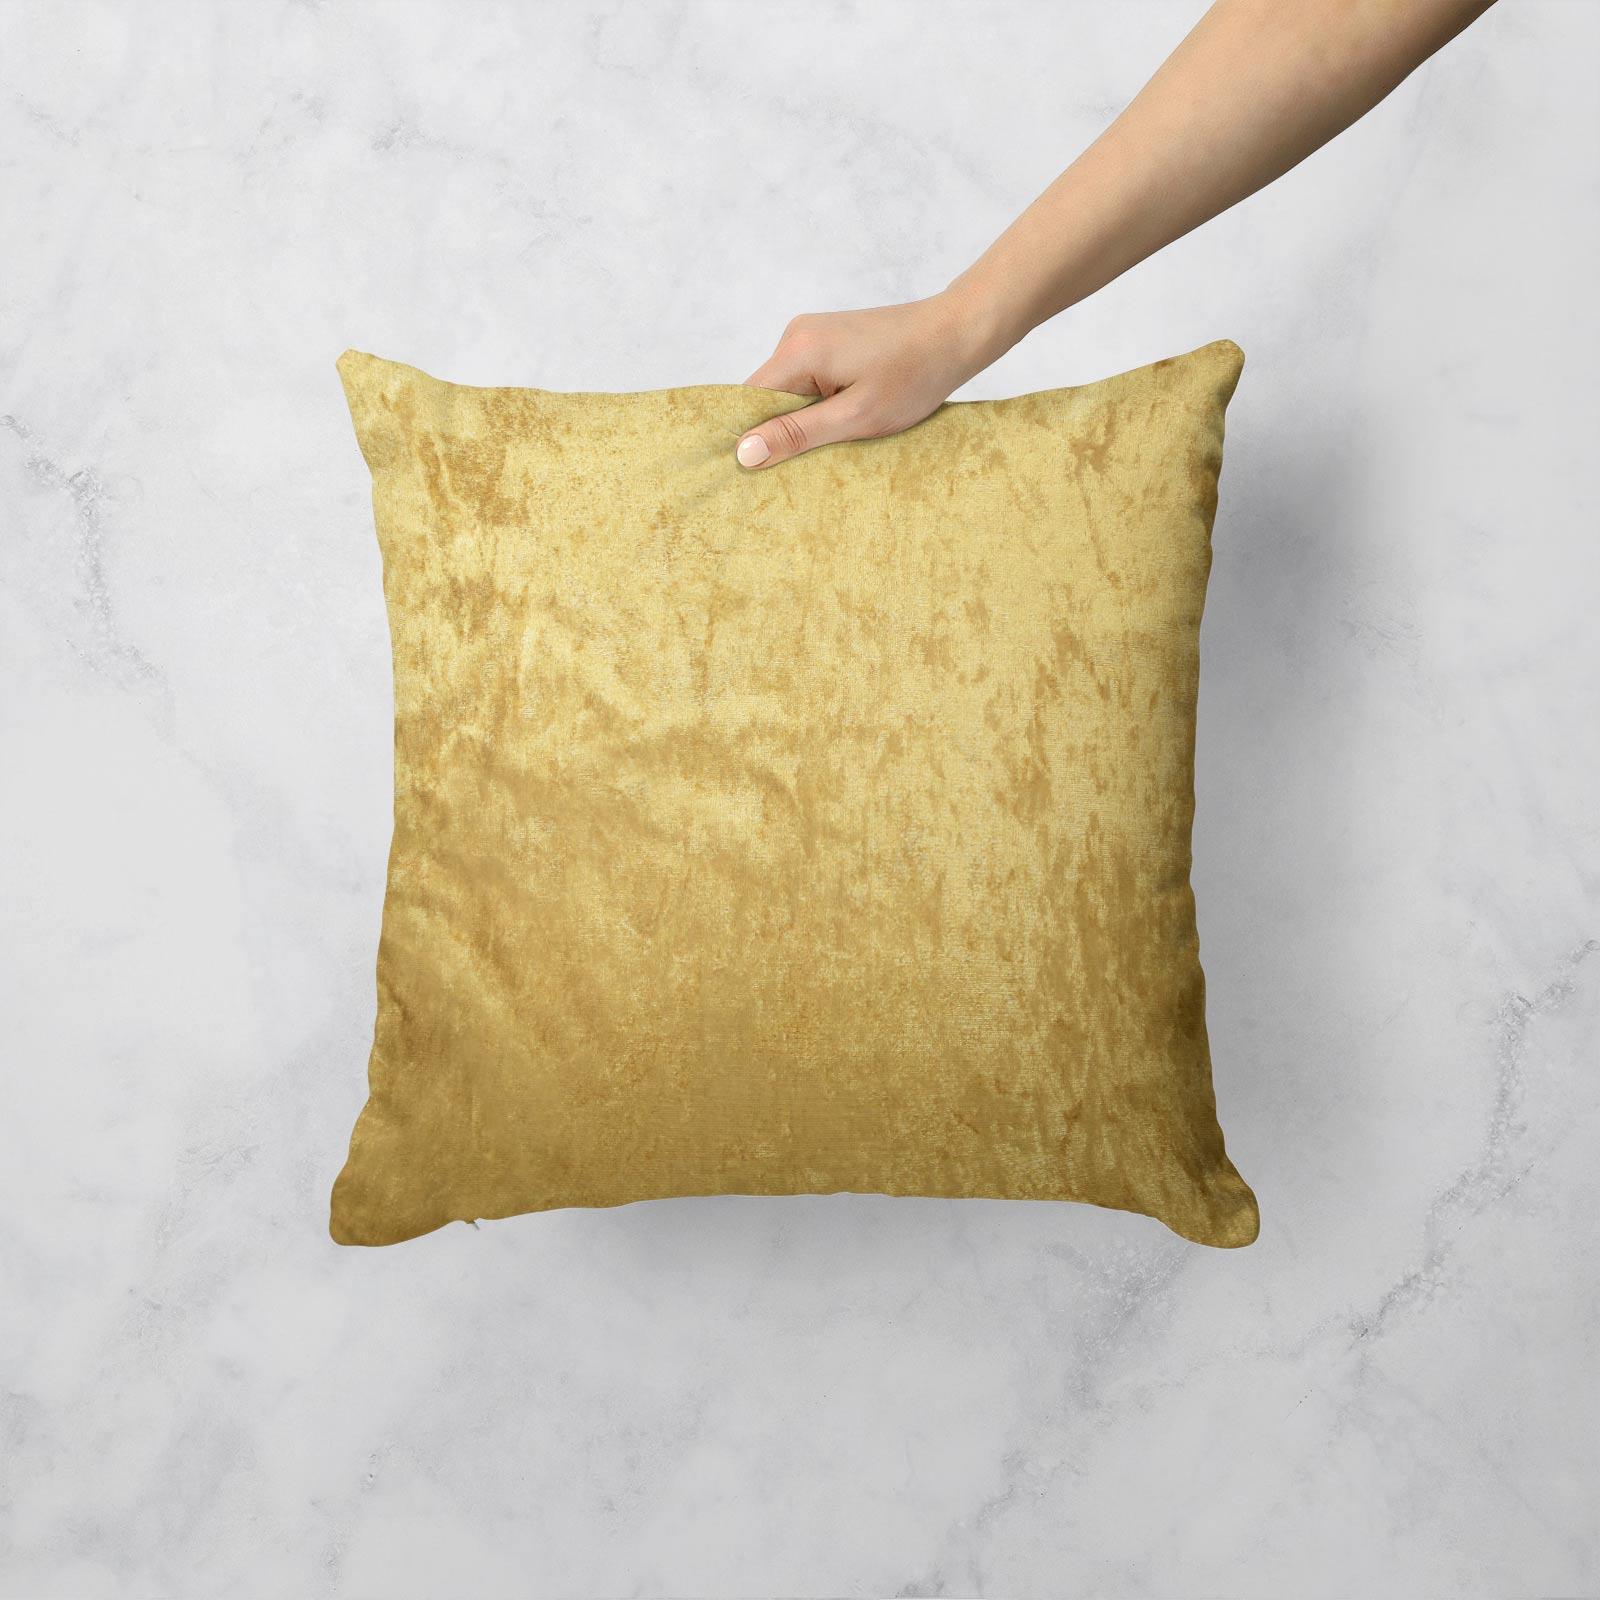 Cuscino-di-velluto-schiacciato-copre-GLAM-Tinta-Unita-Copricuscino-18-034-x-18-034-45cm-x-45cm miniatura 12